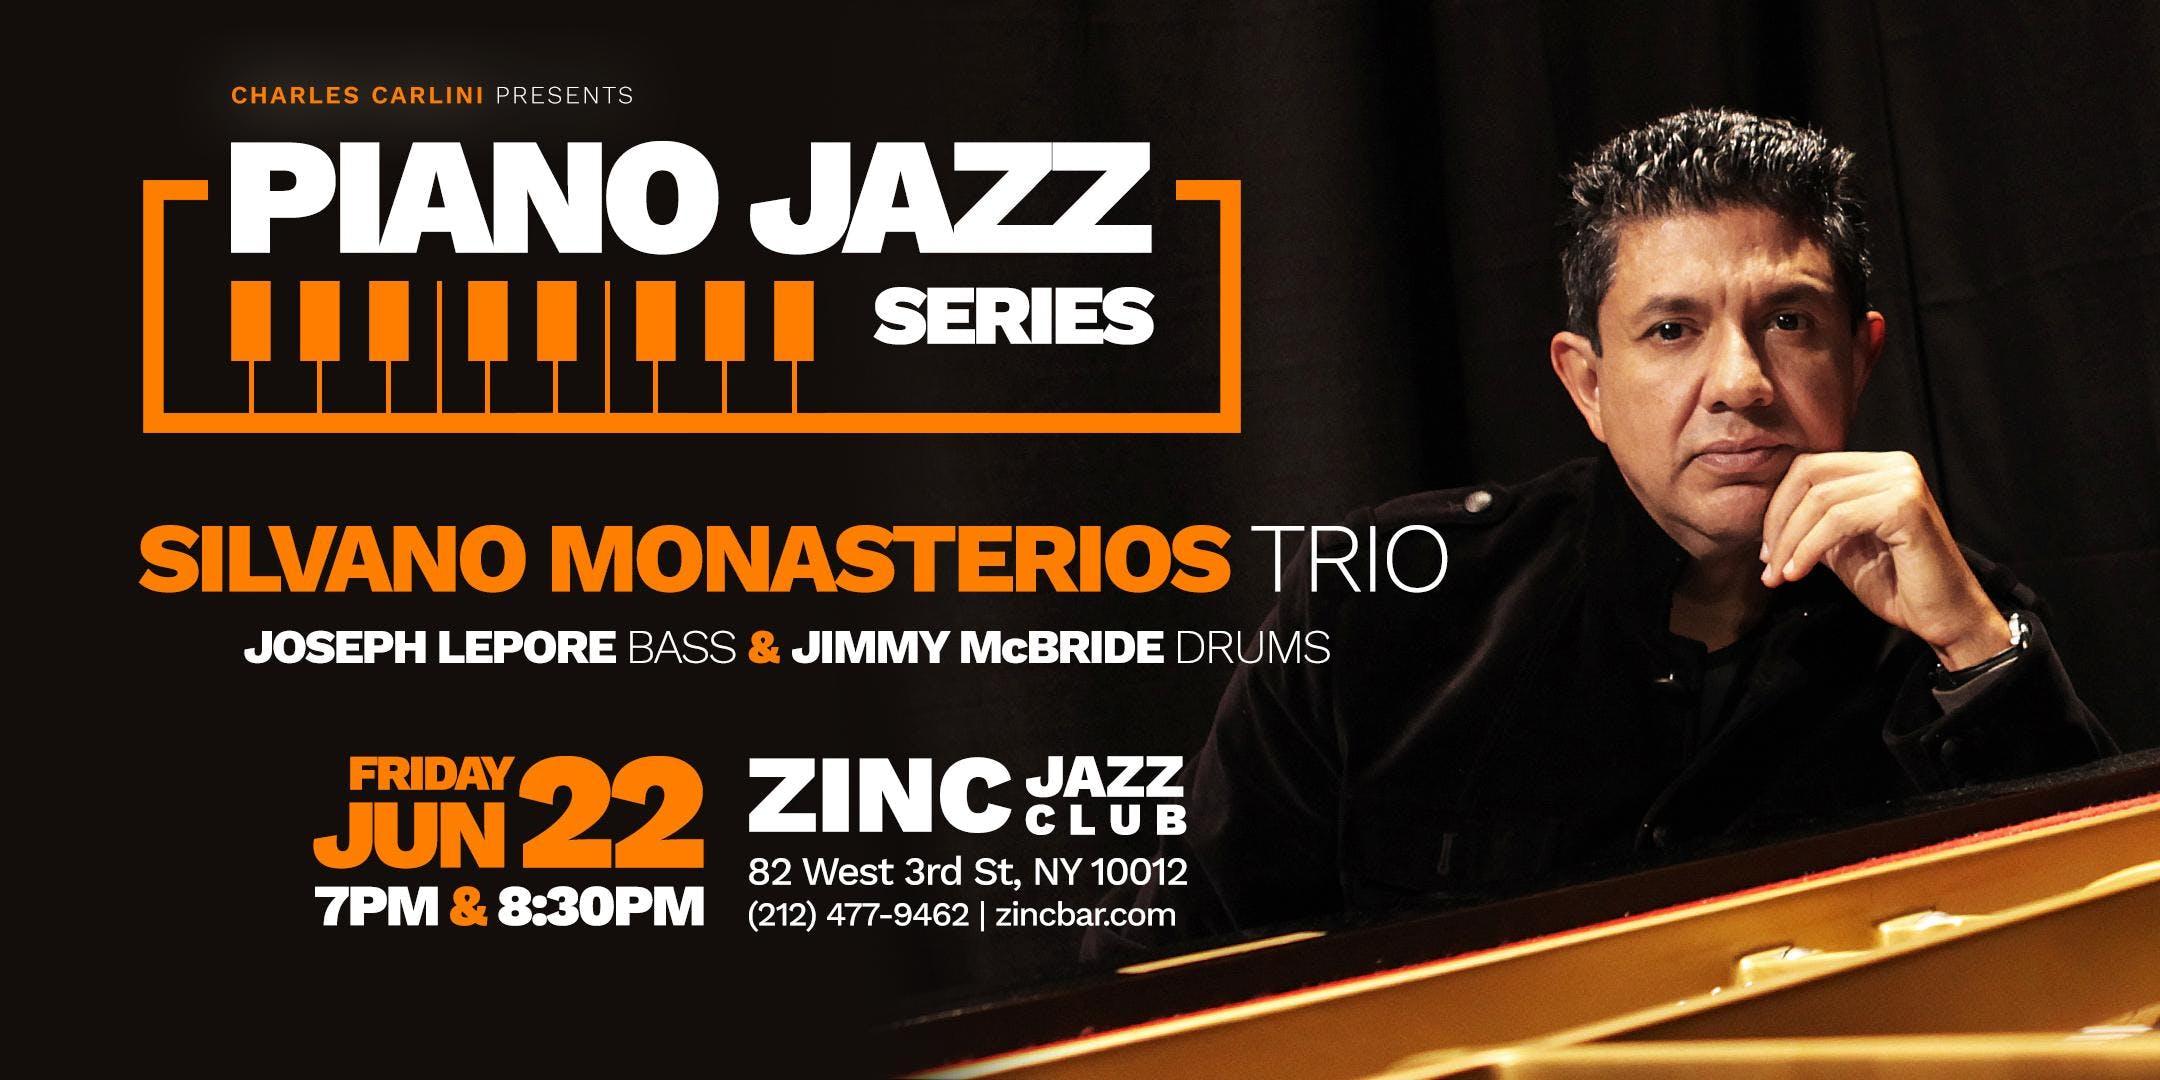 Piano Jazz Series Silvano Monasterios Trio